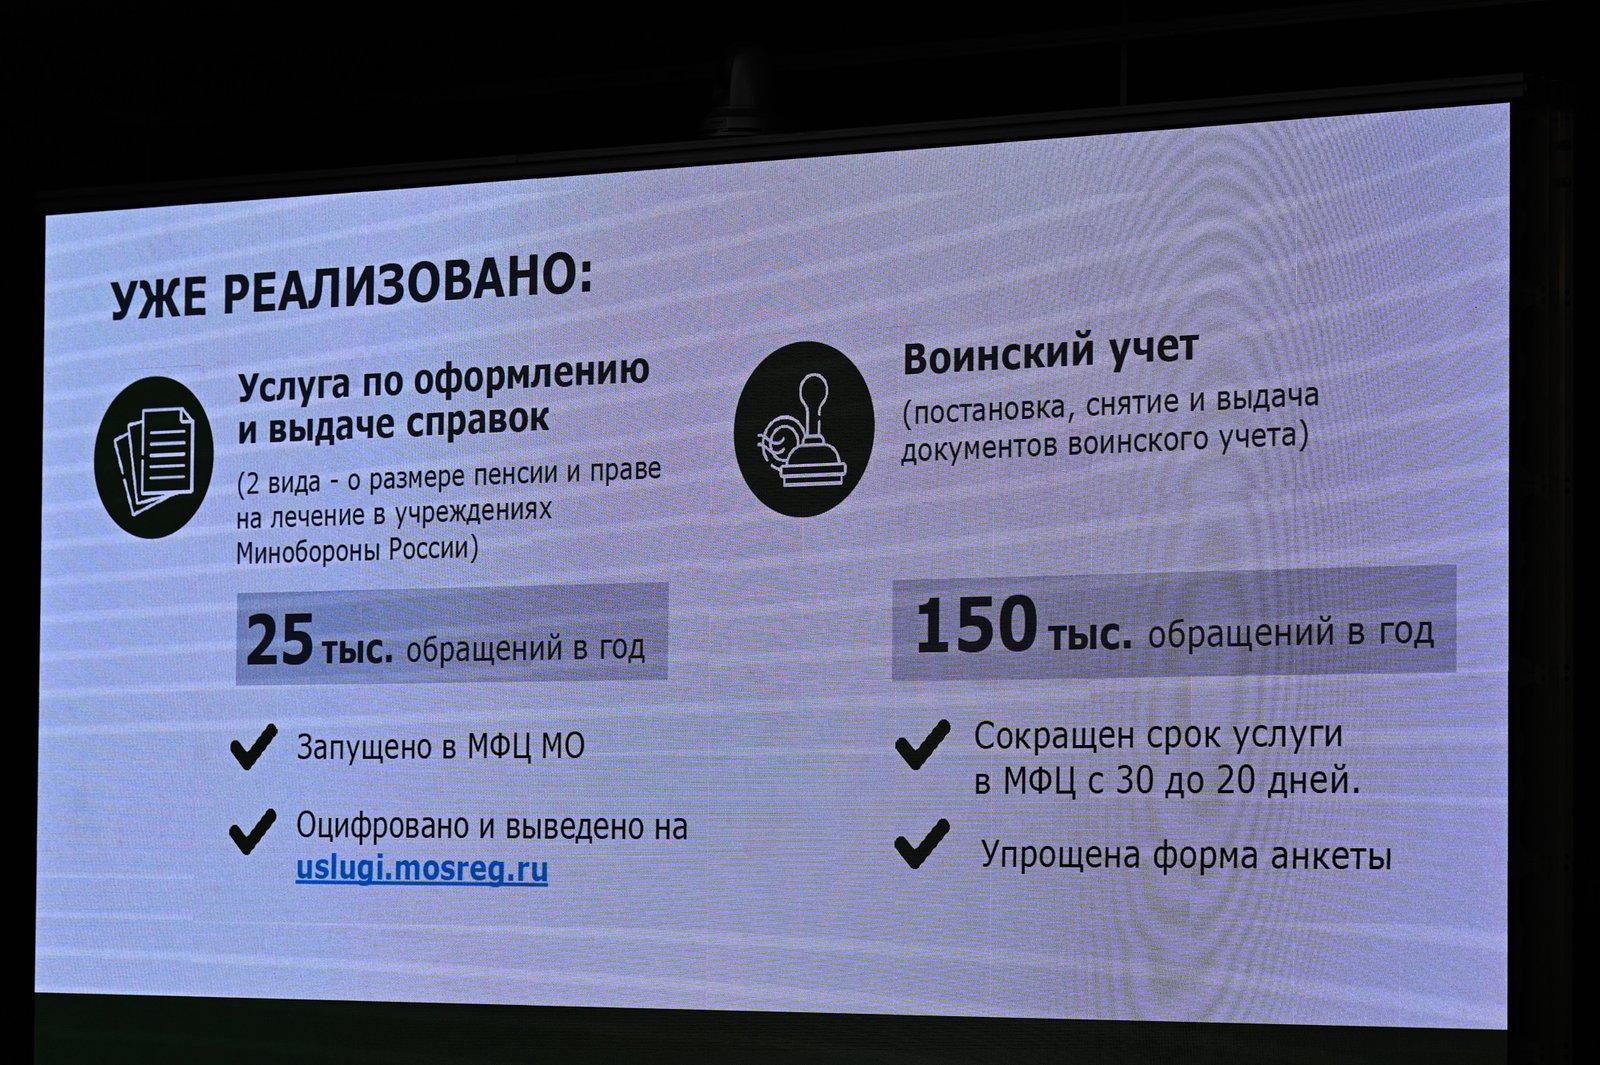 Андрей Воробьев губернатор московской области - Мой военкомат. Минобороны и Подмосковье договорились о цифровизации